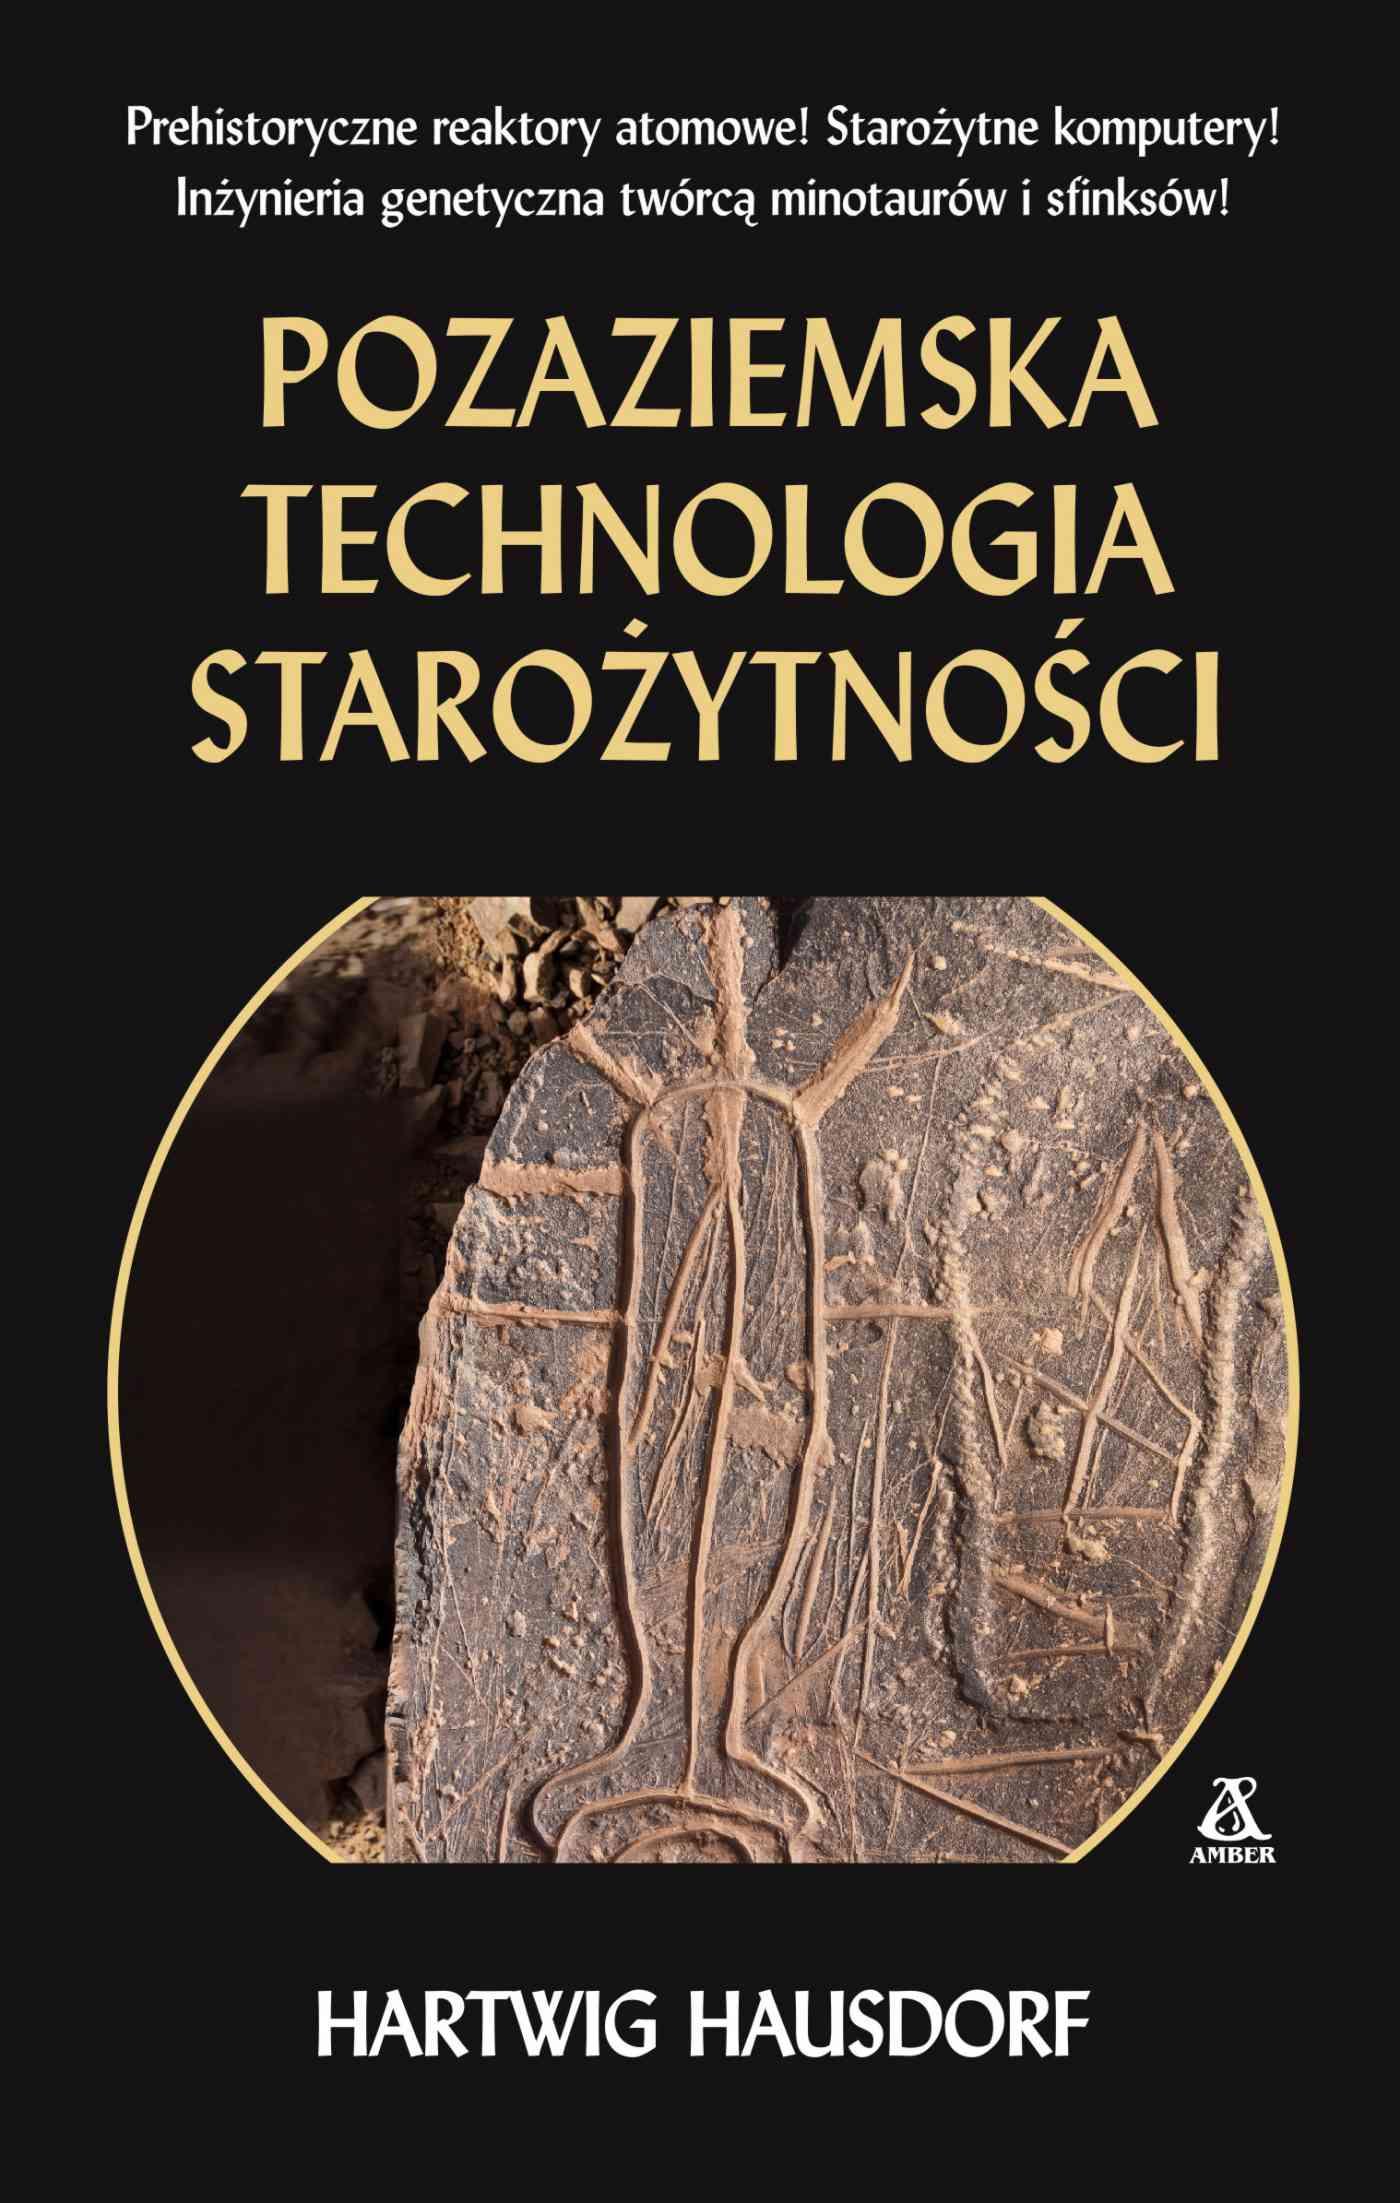 Pozaziemska technologia starożytności - Ebook (Książka EPUB) do pobrania w formacie EPUB